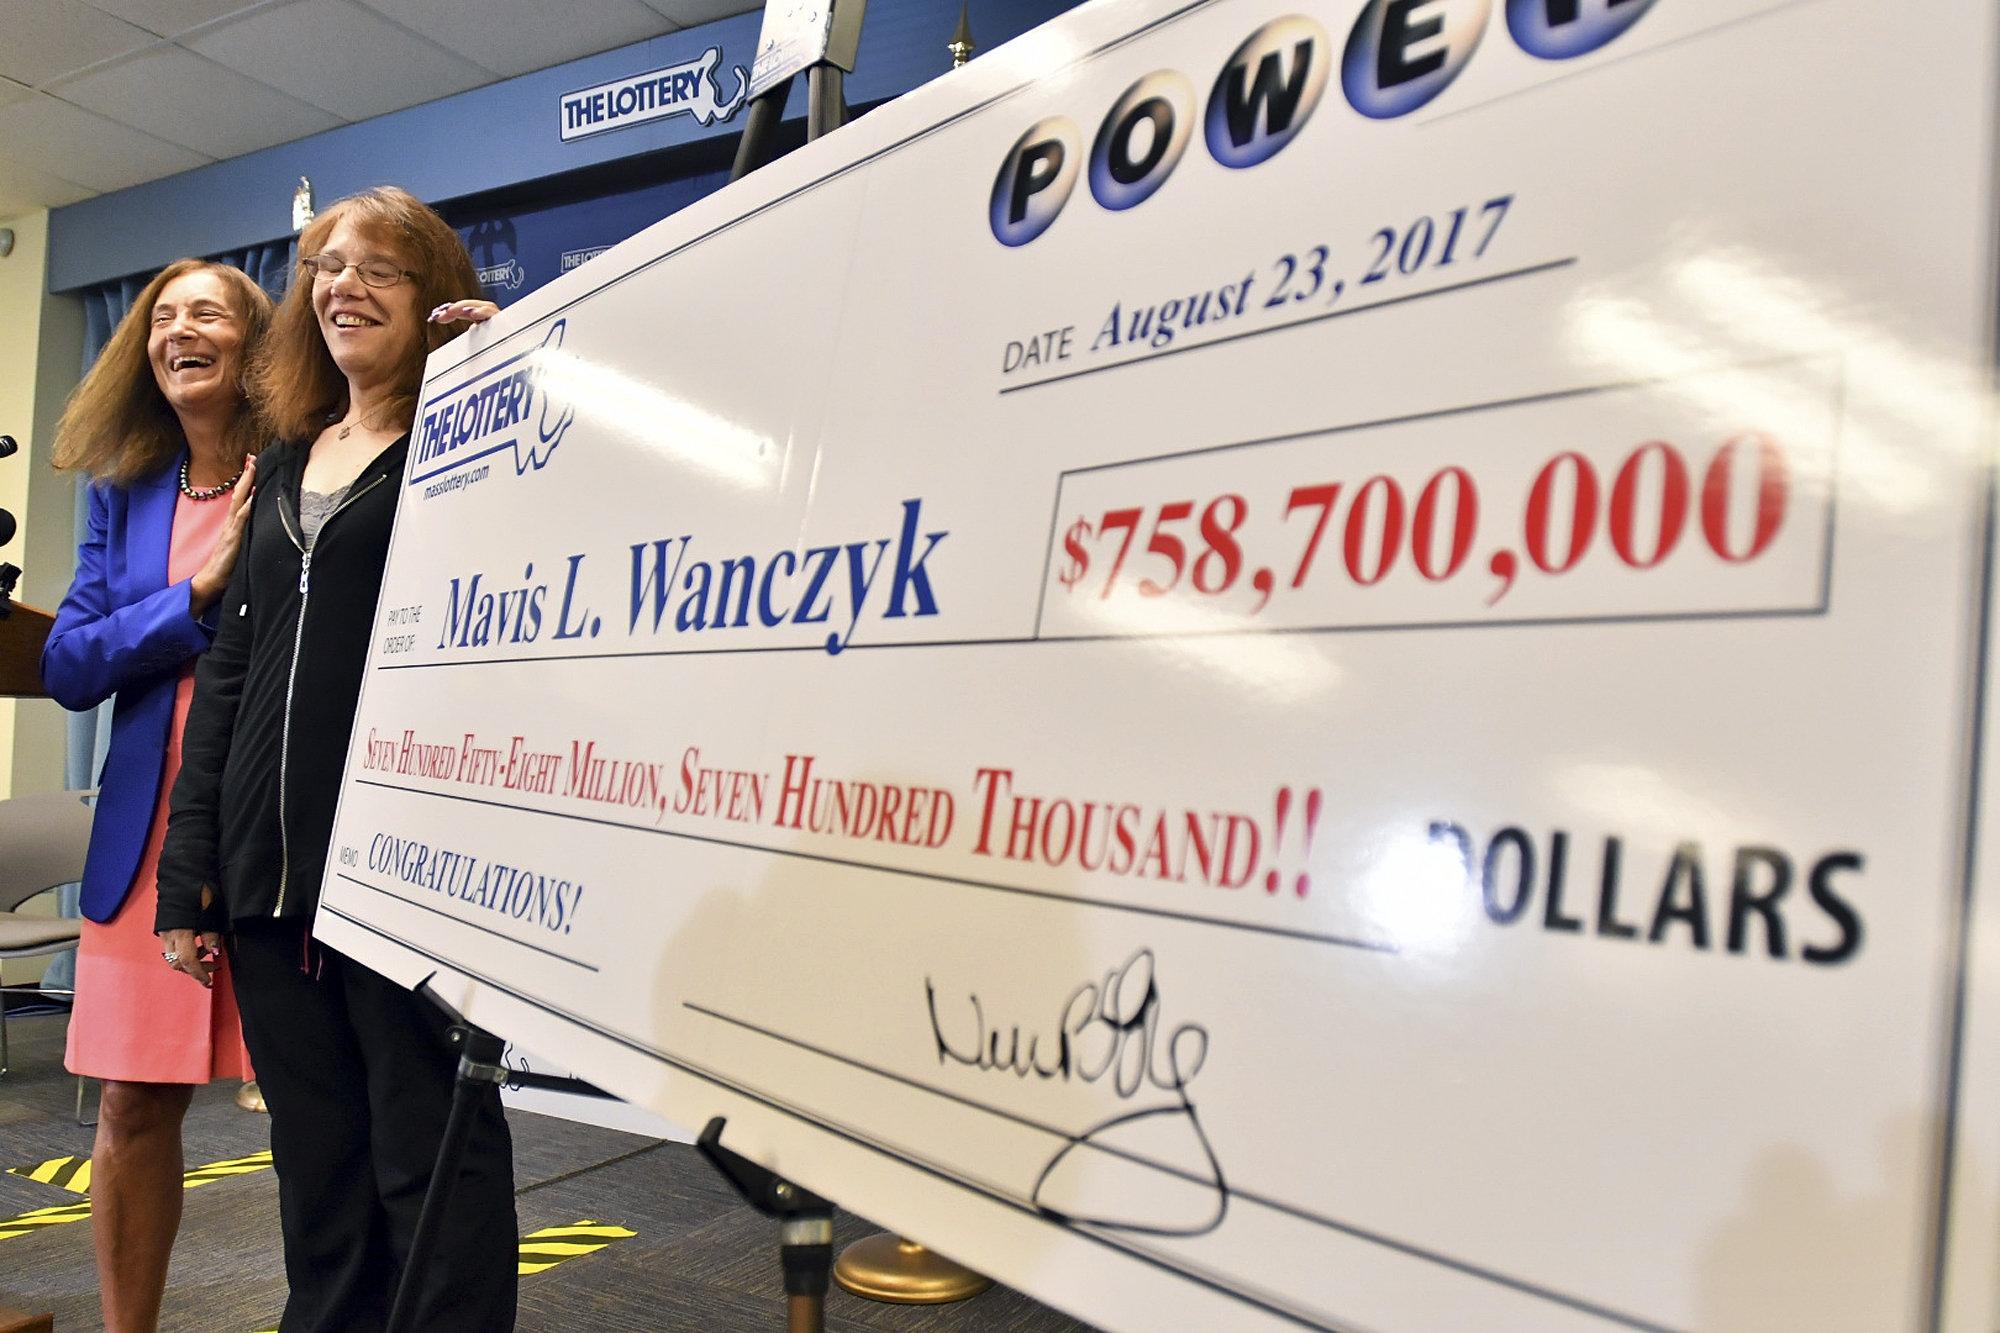 Mulher fatura sozinha maior prêmio da história das loterias: US$ 758 mi